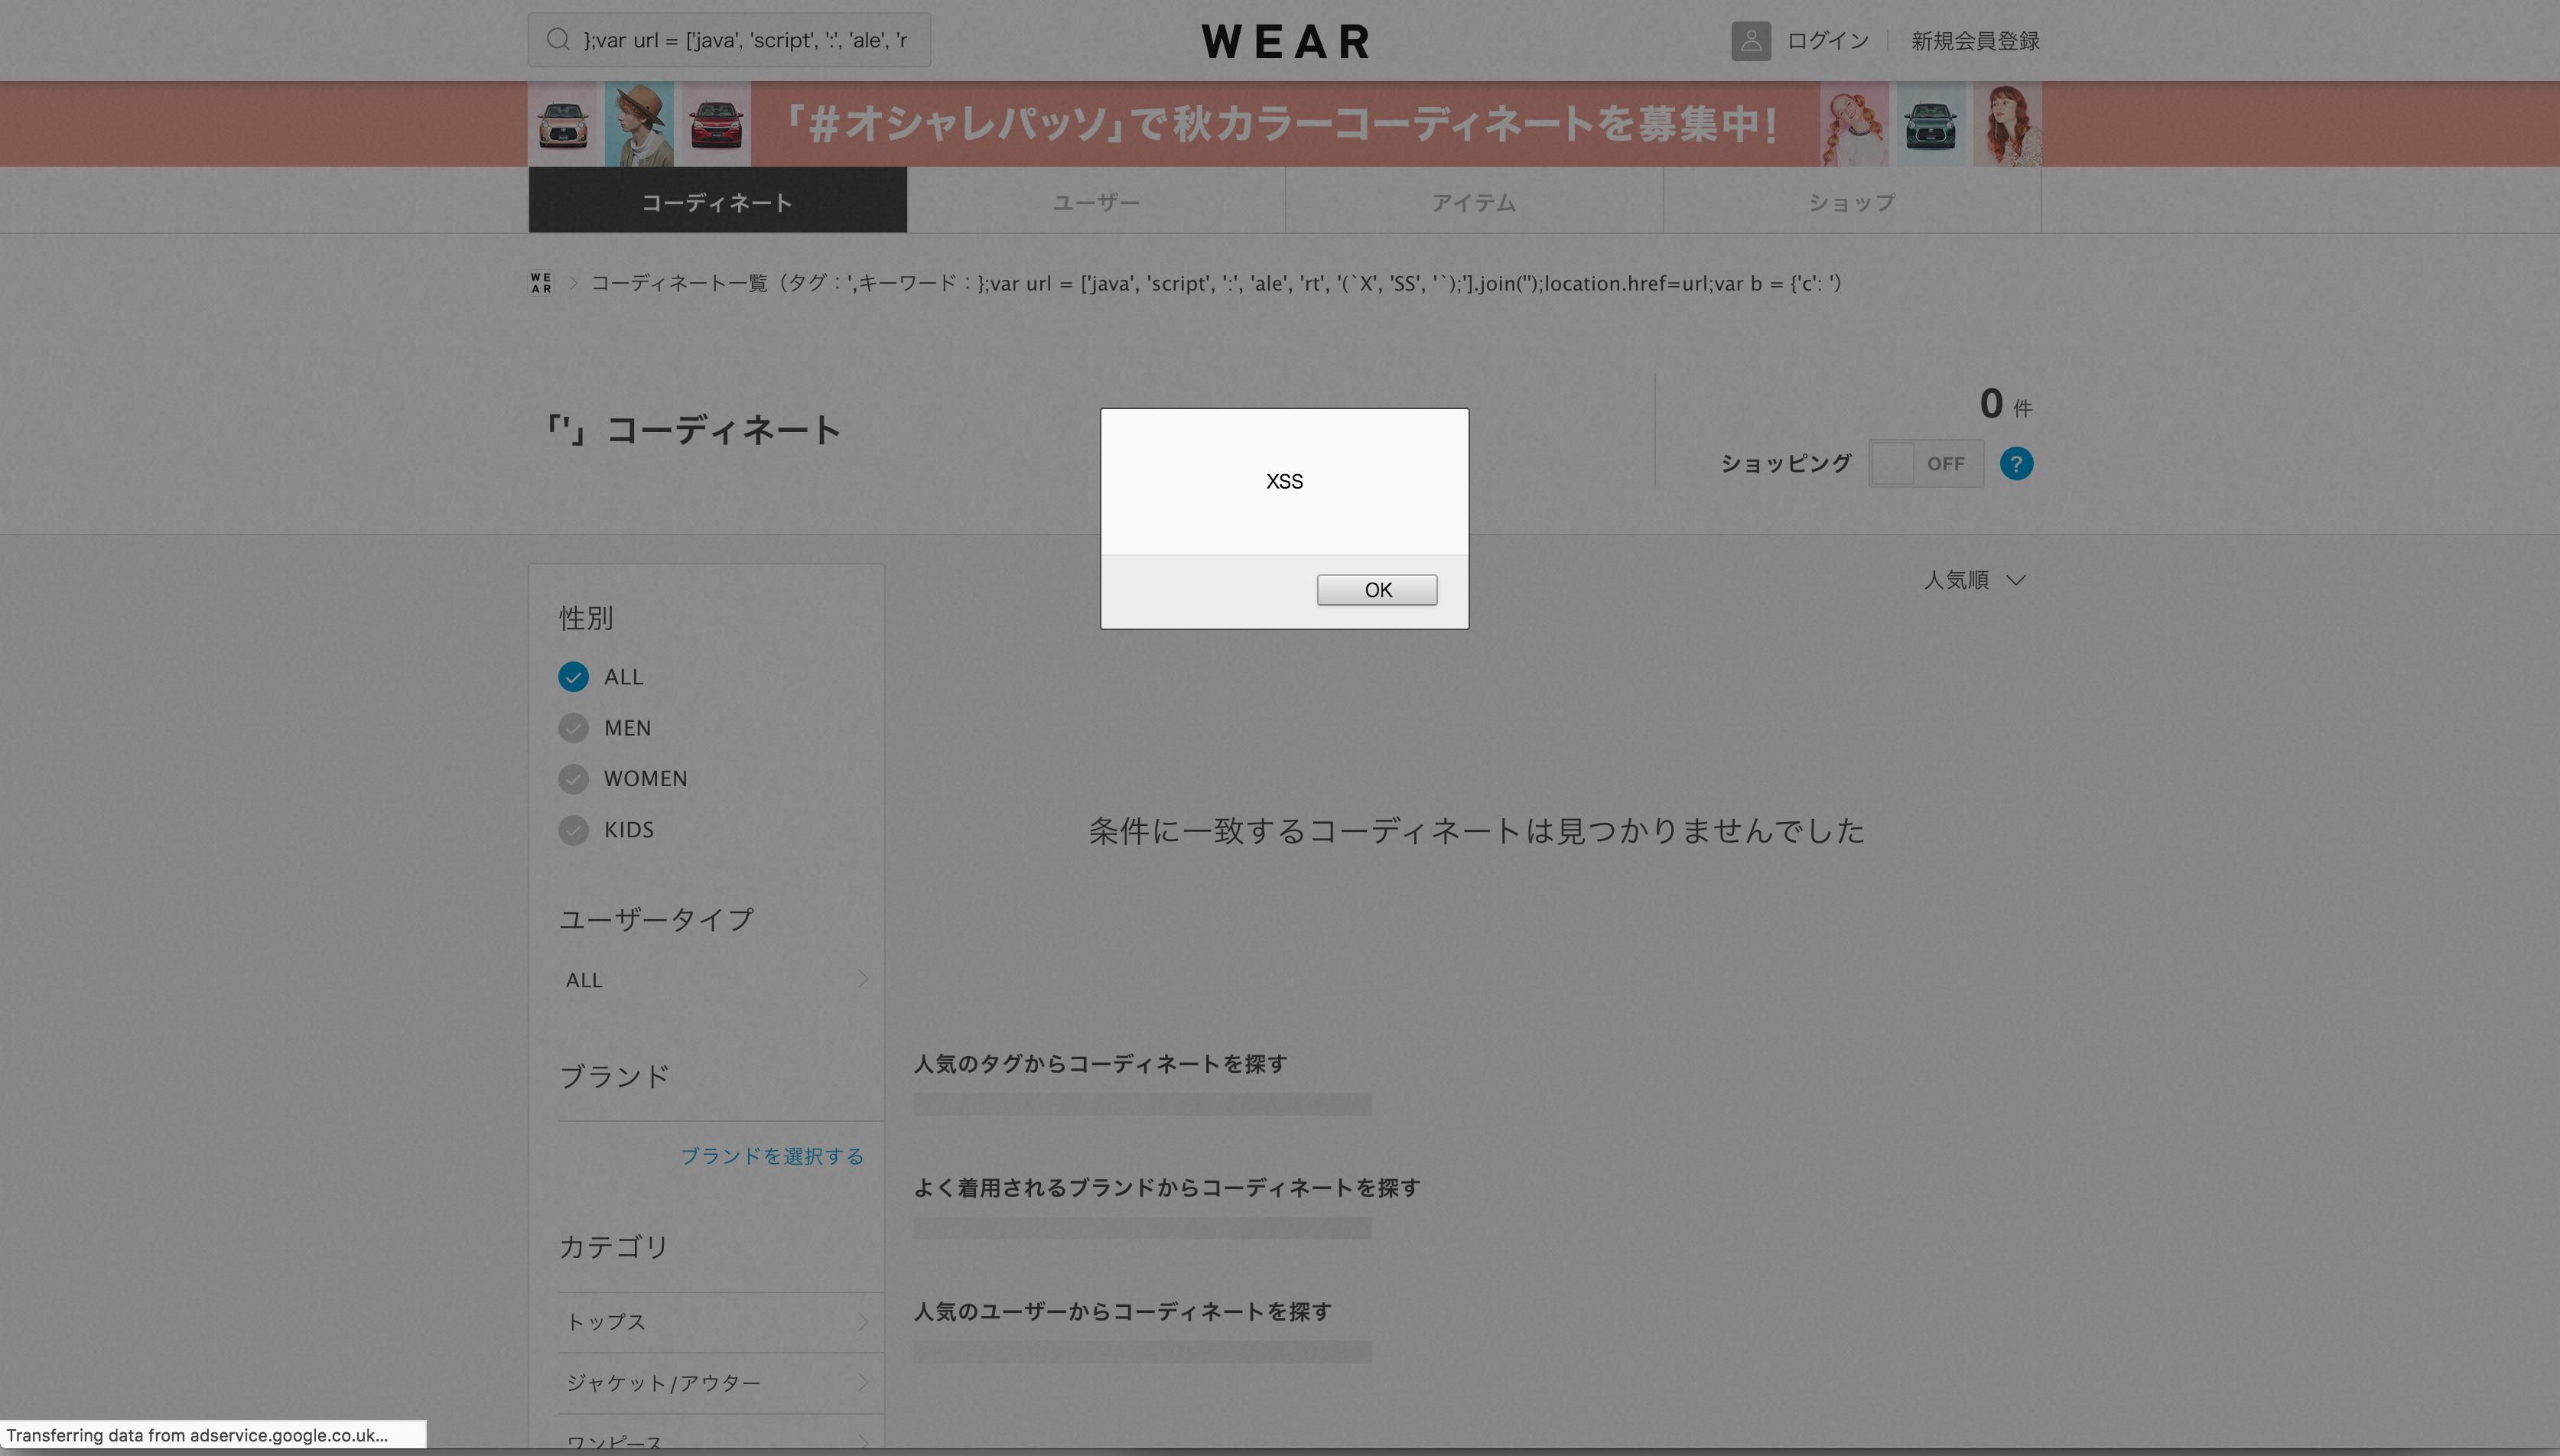 wear_xss_urlなし.png